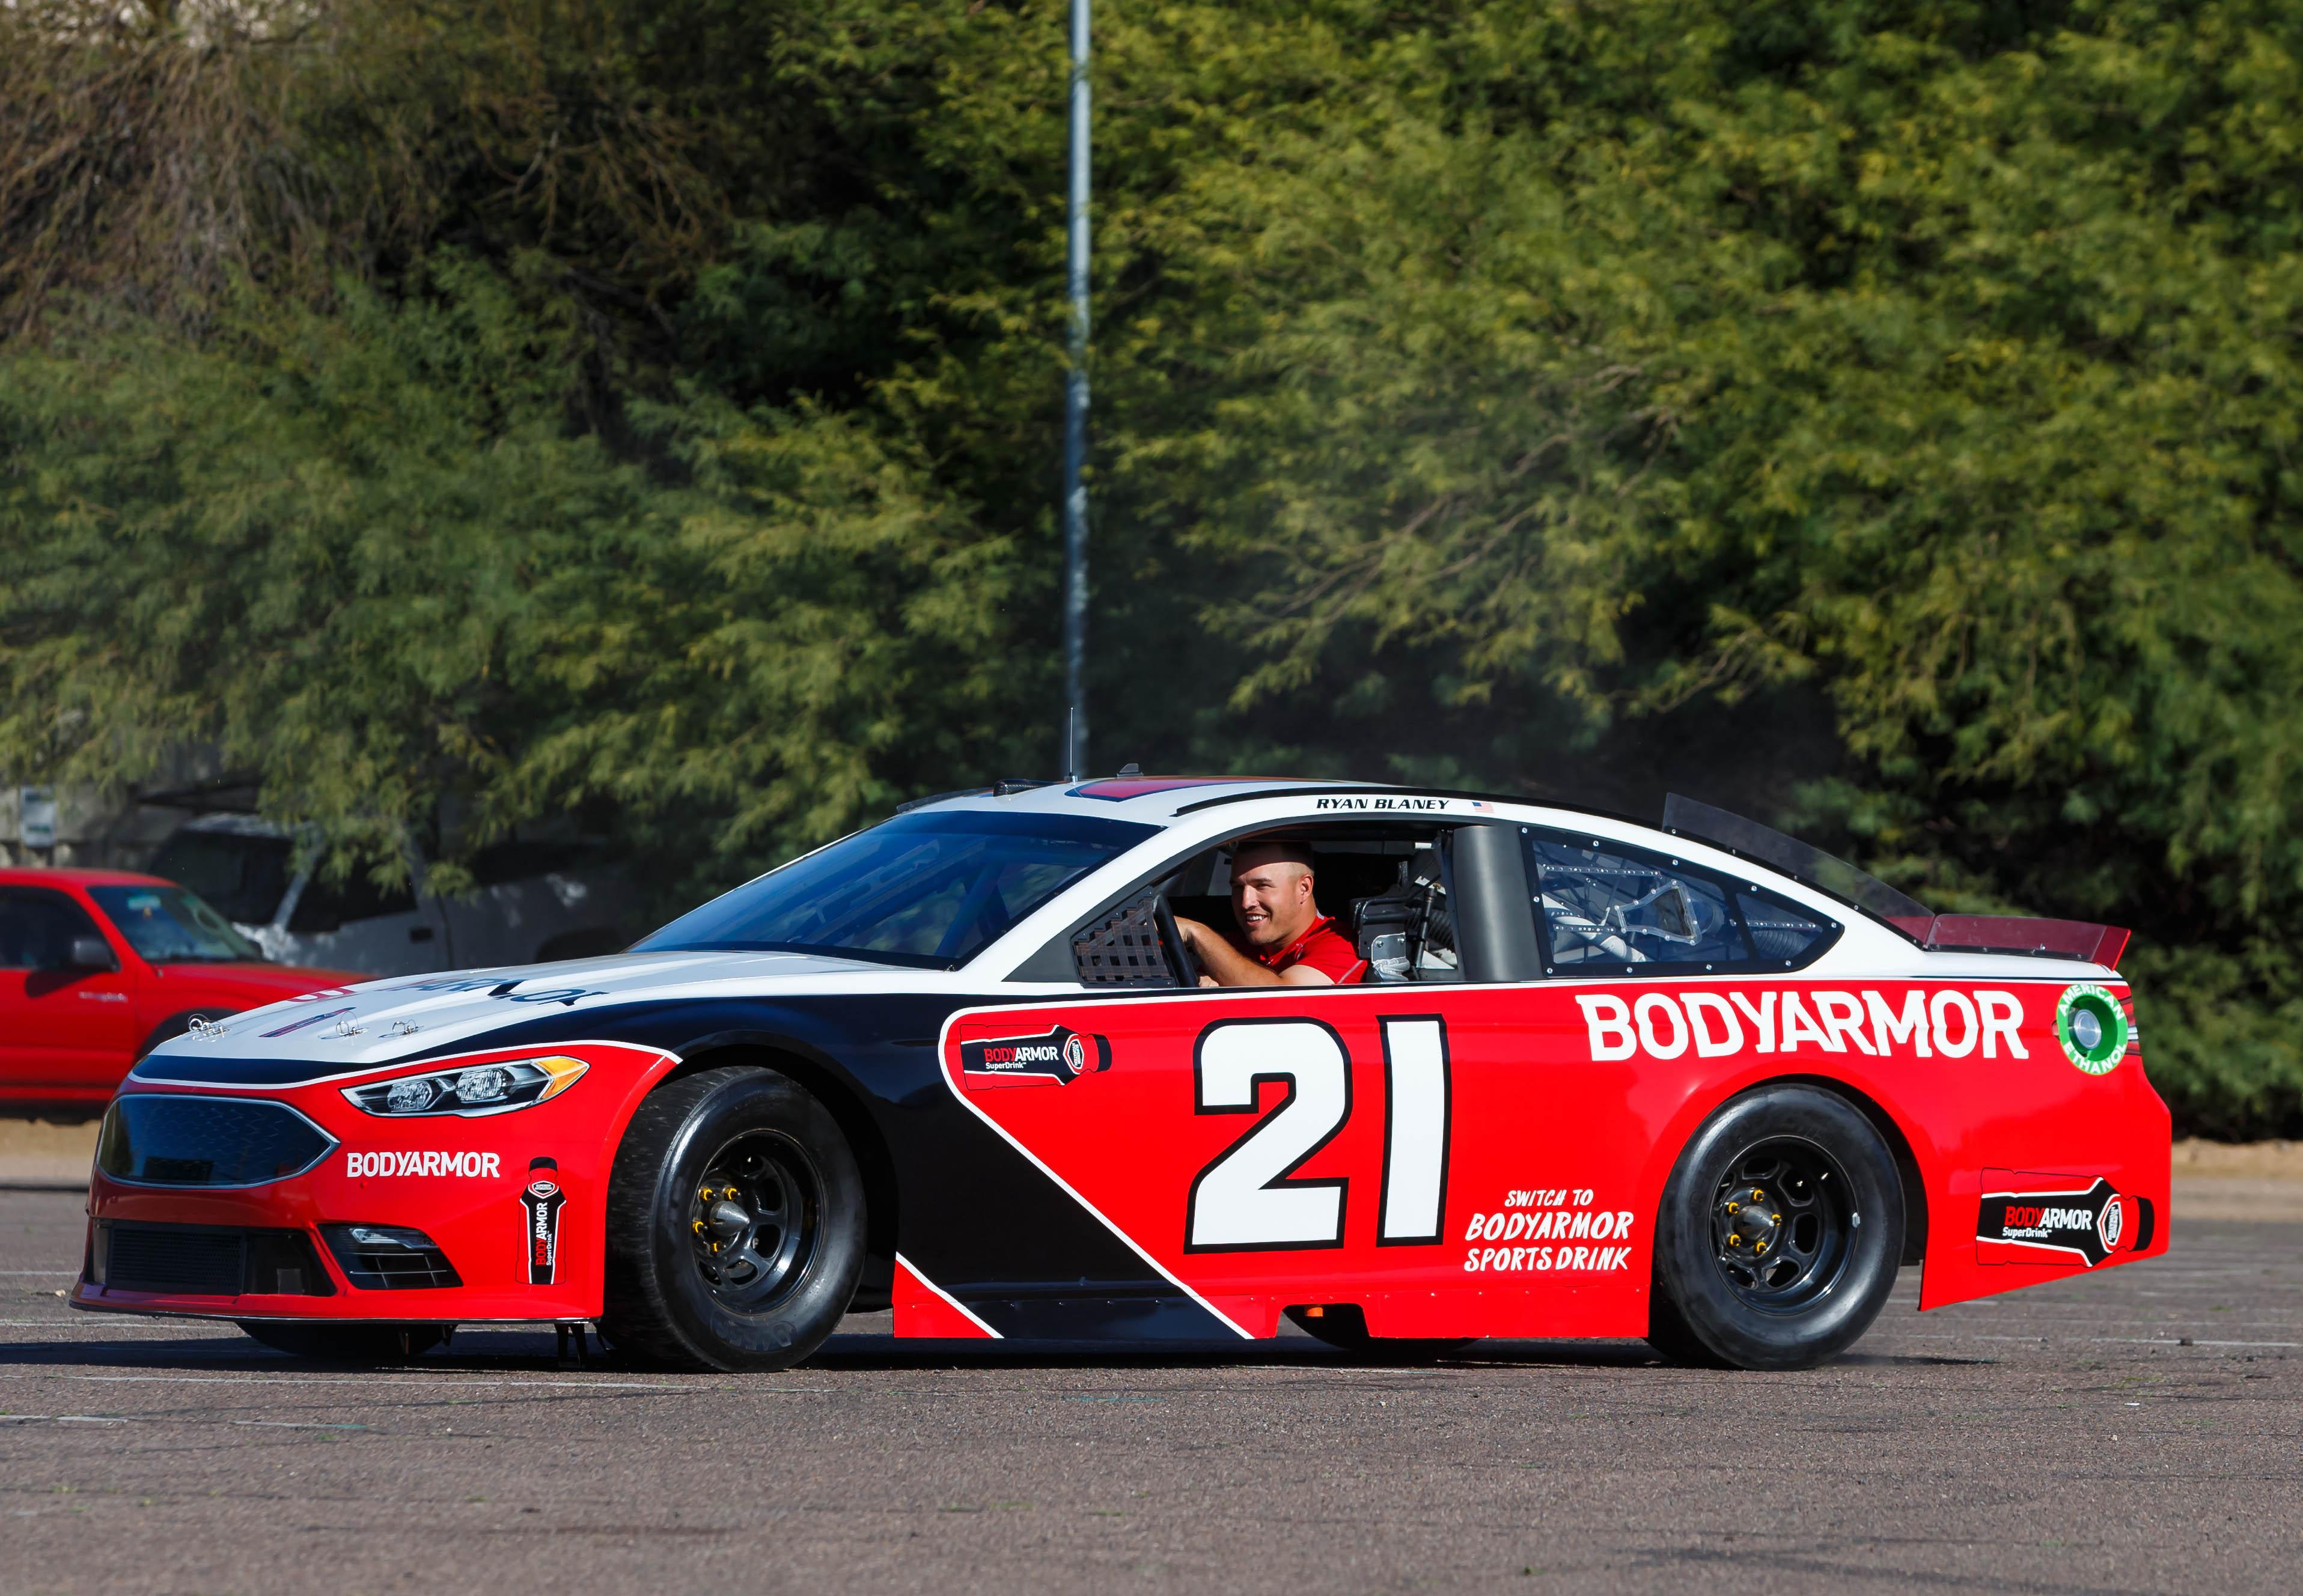 BodyArmor Considering Sponsorship Deal For Ryan Blaney's ...